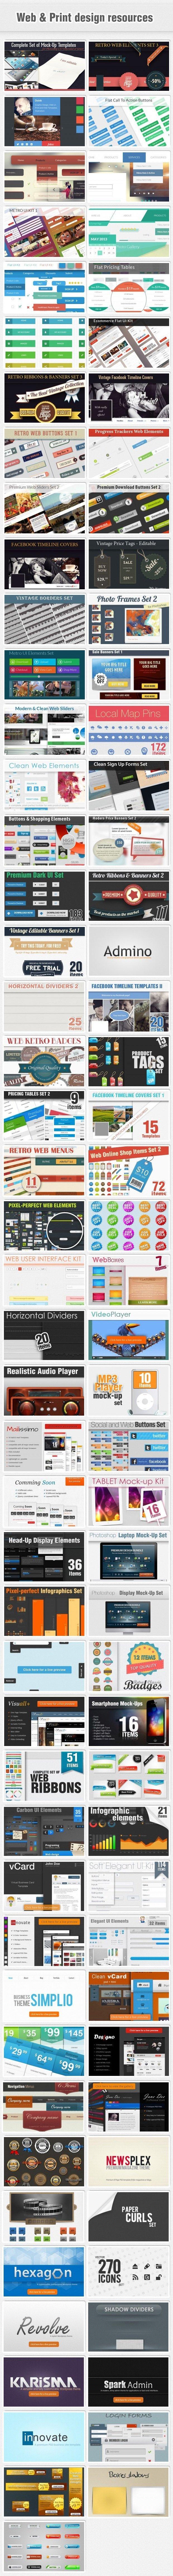 web-and-print